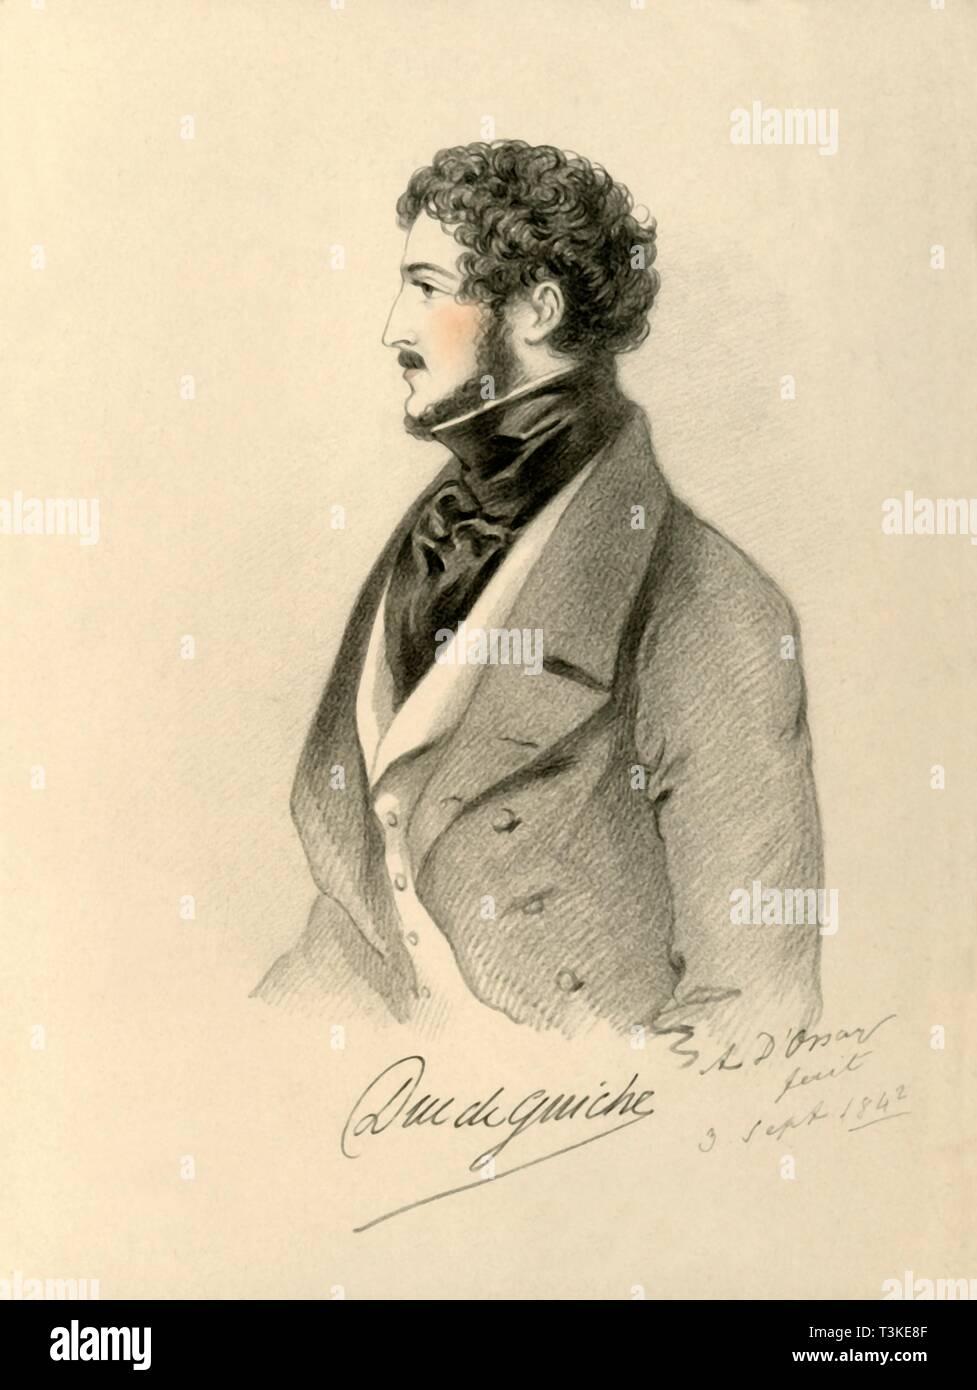 'Duc de Guiche', 1842. Creator: Richard James Lane. - Stock Image